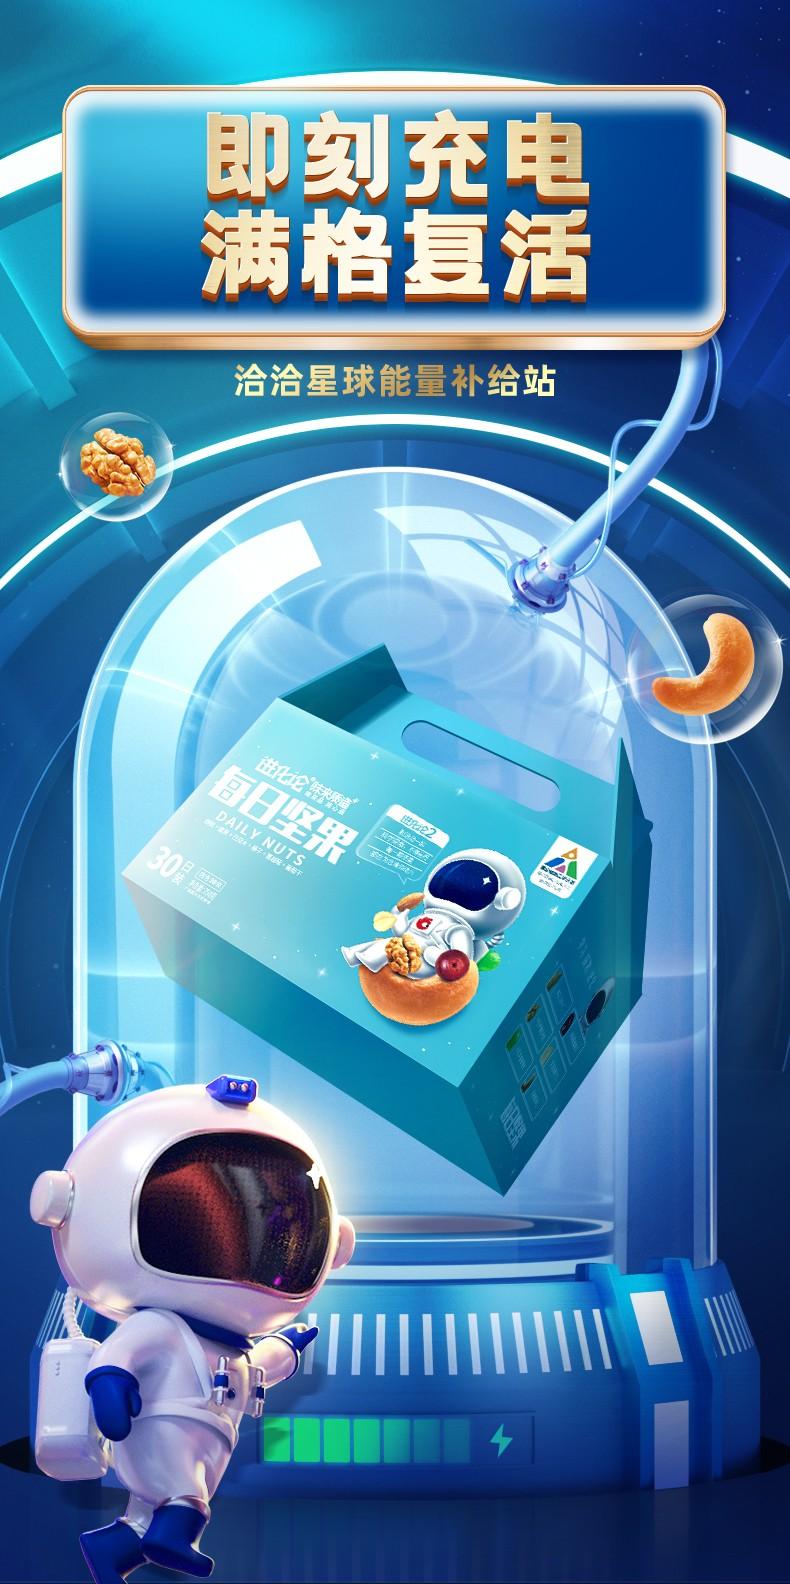 88759-洽洽 每日坚果礼盒750g核桃腰果干果组合年货礼盒团购 750g/30袋-详情图